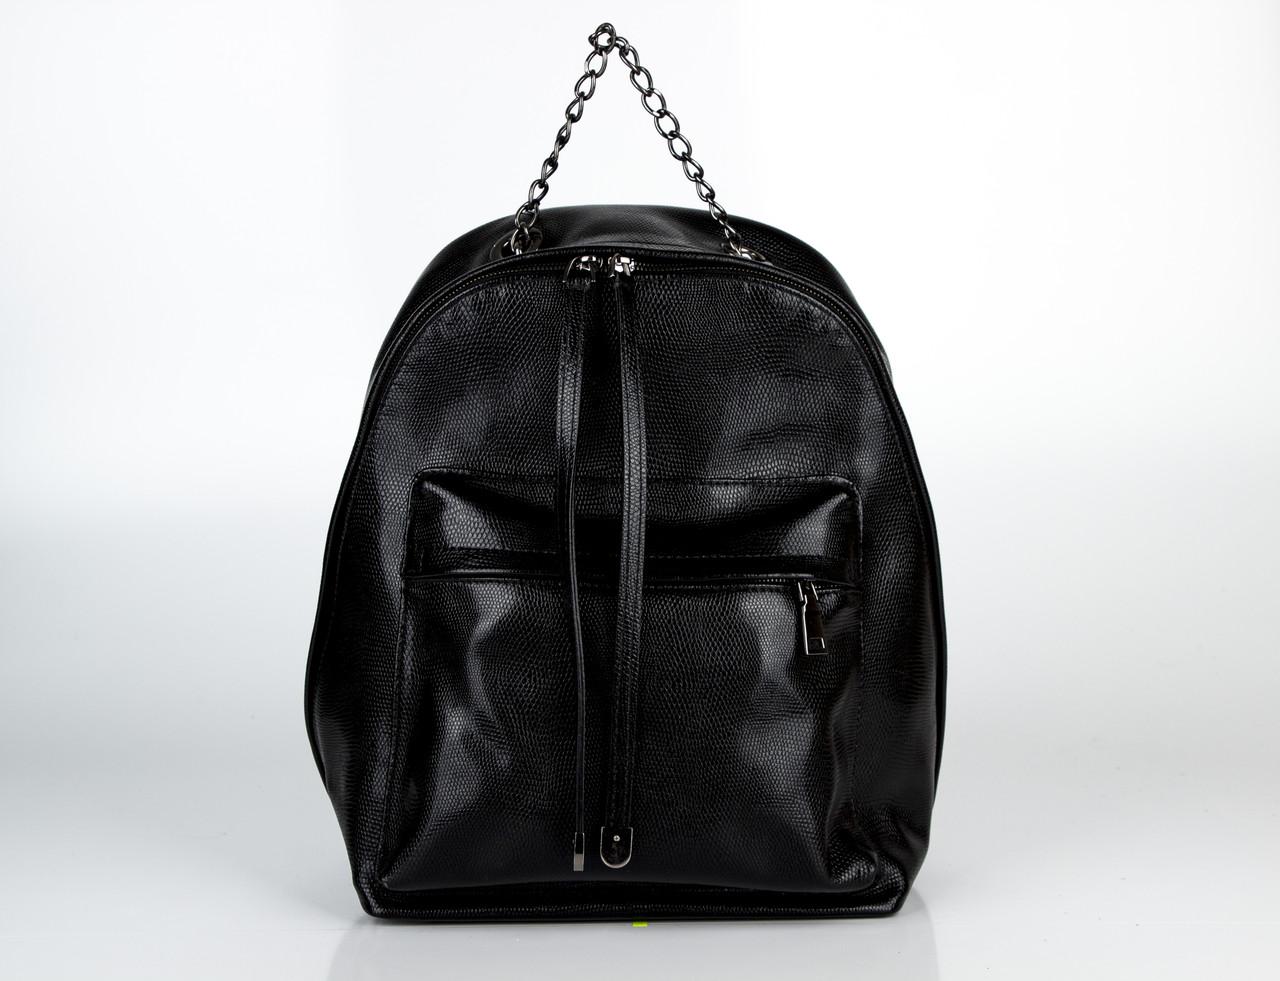 Шкіряна сумка ASSA 1155 чорна